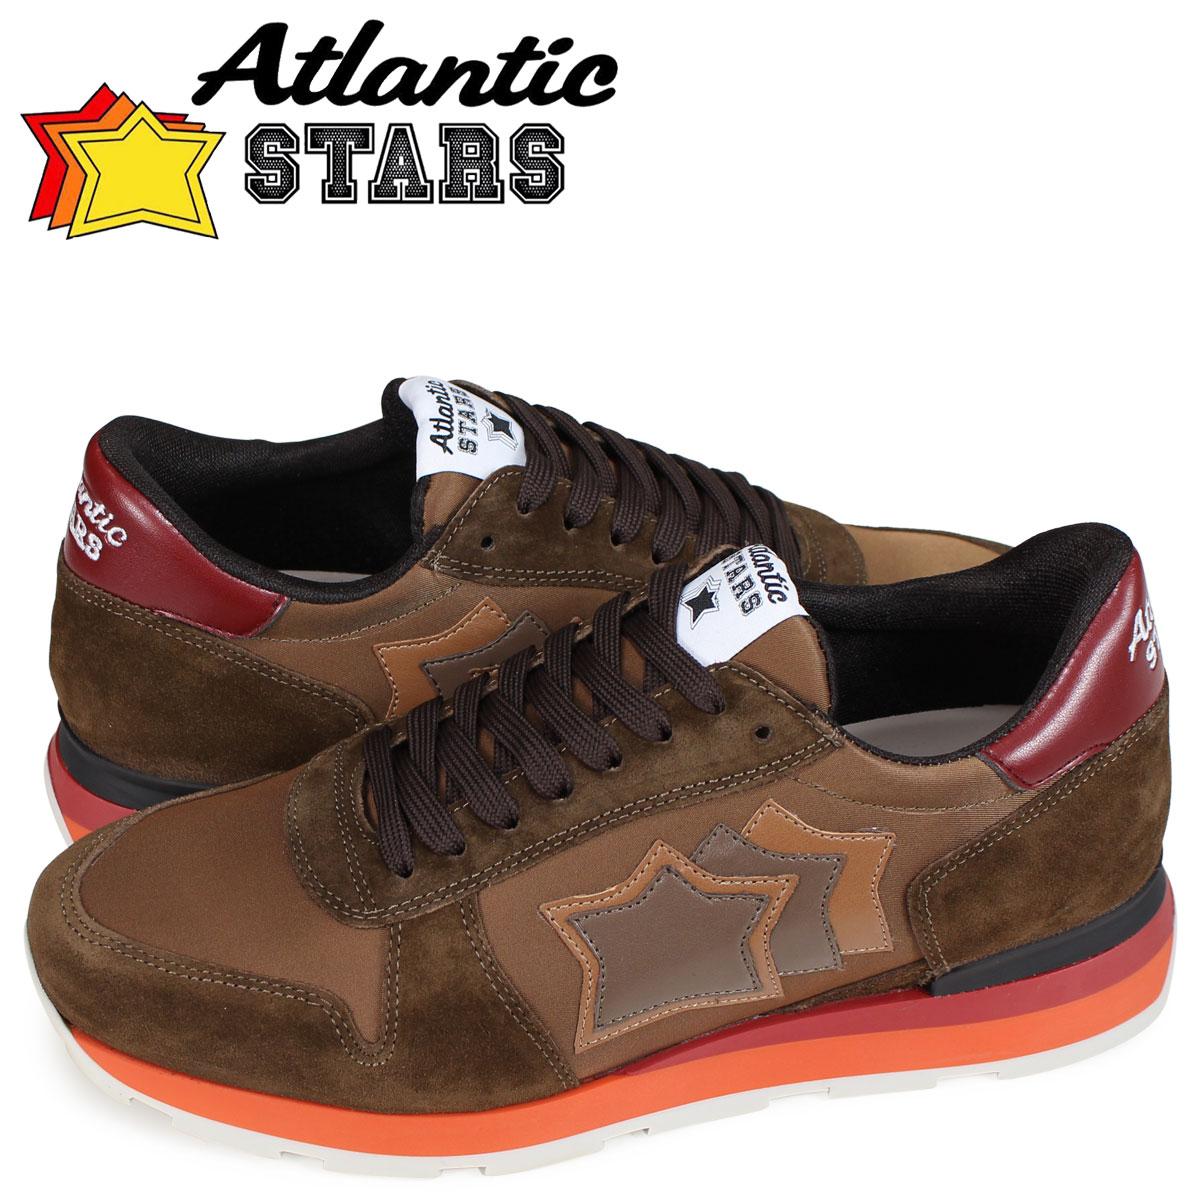 激安先着 アトランティックスターズ Atlantic STARS STARS シリウス メンズ スニーカー メンズ SIRIUS Atlantic ブラウン CTM-48N, OUTFIT:e3bee9a5 --- test.ips.pl